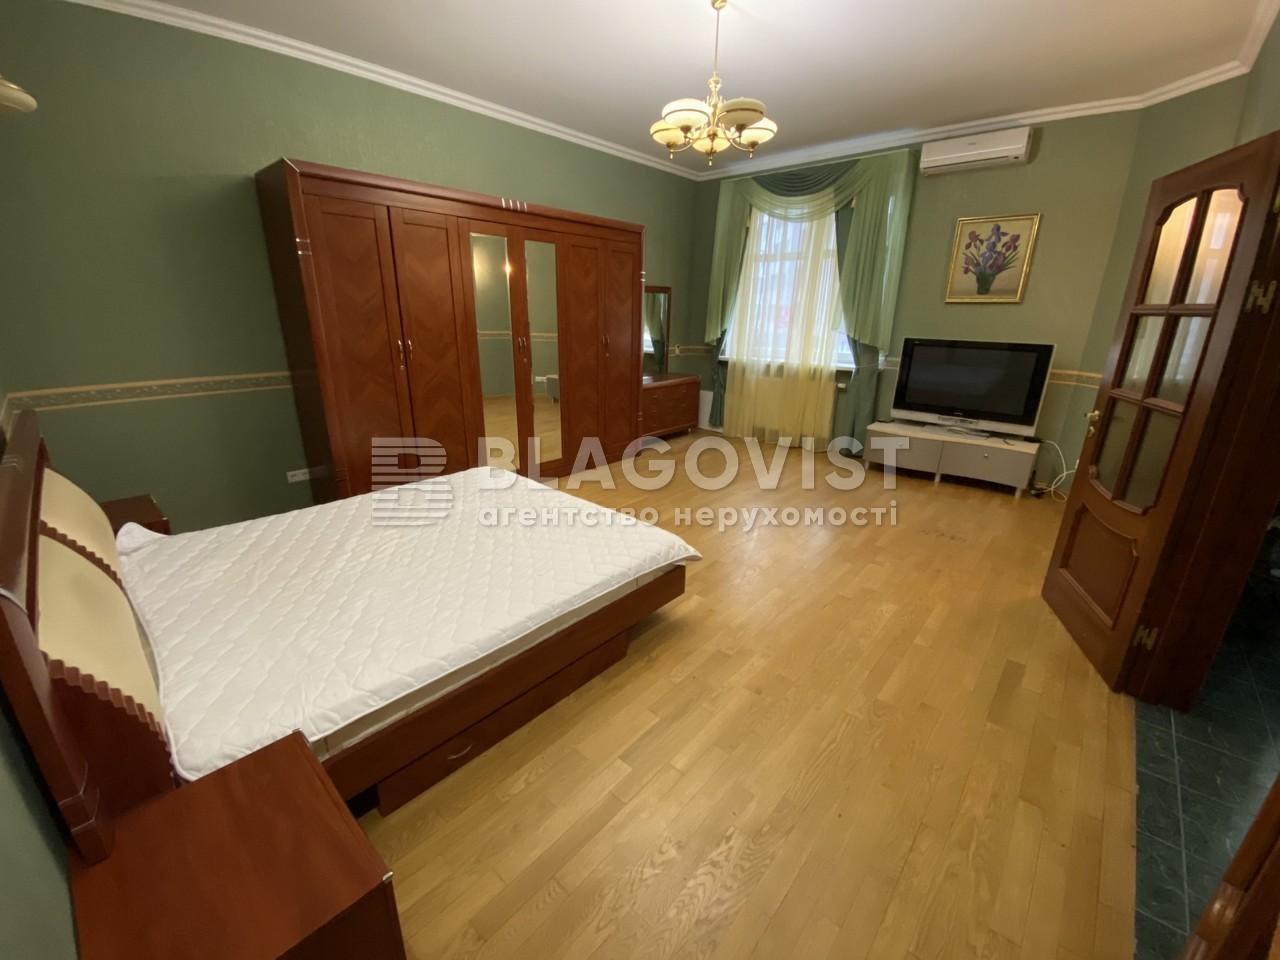 Квартира F-27157, Коновальца Евгения (Щорса), 32а, Киев - Фото 8